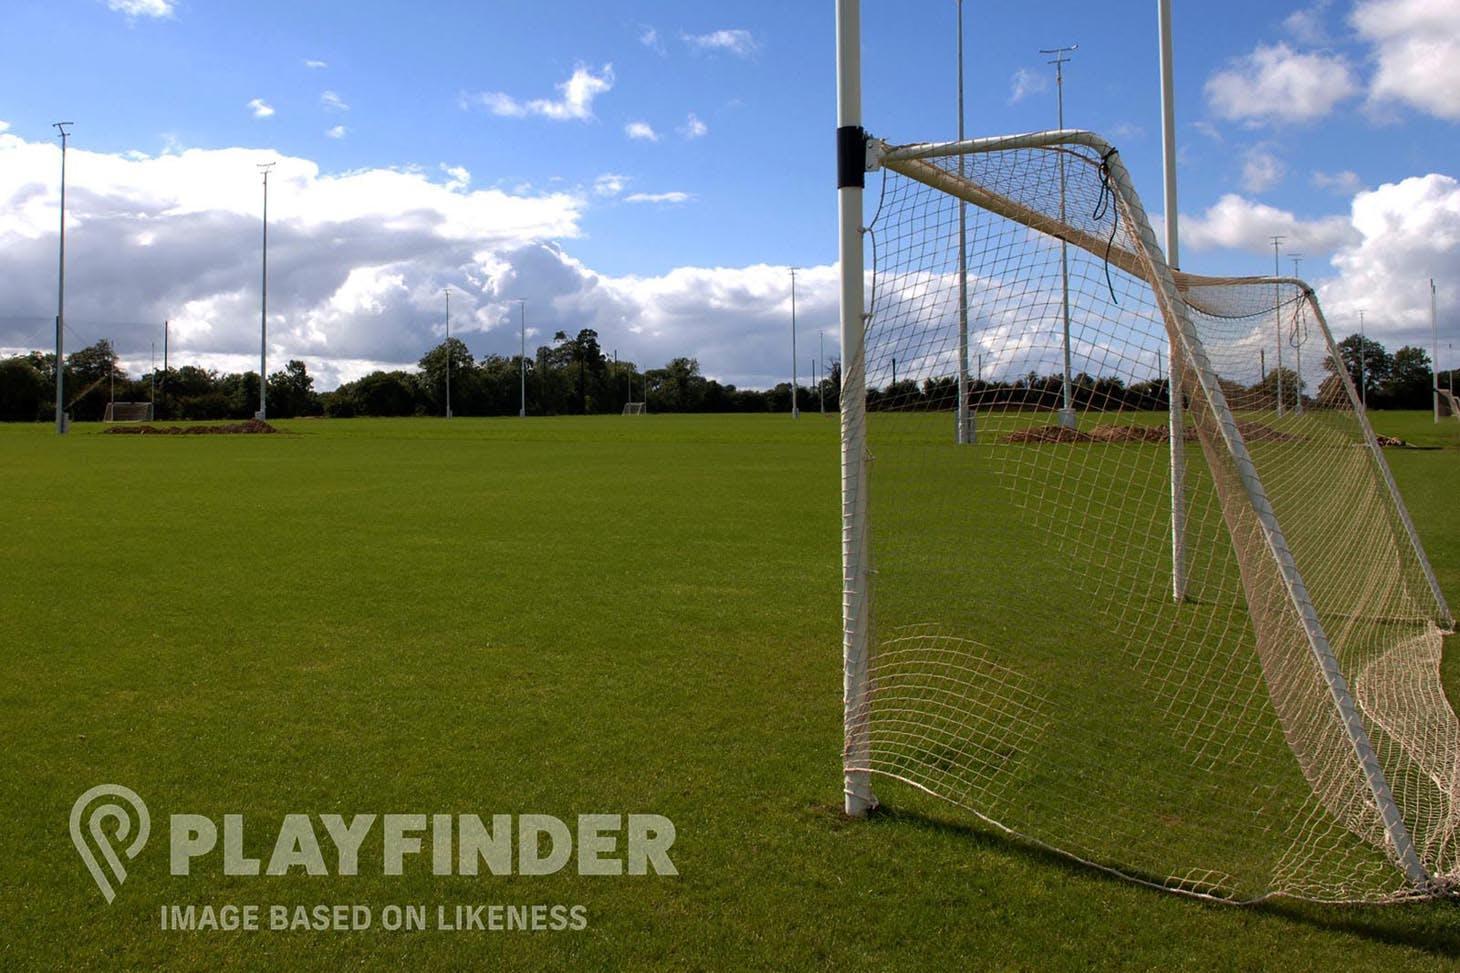 Kilmacud Crokes GAA Club - Pairc de Burca Full size | Indoor gaa pitch